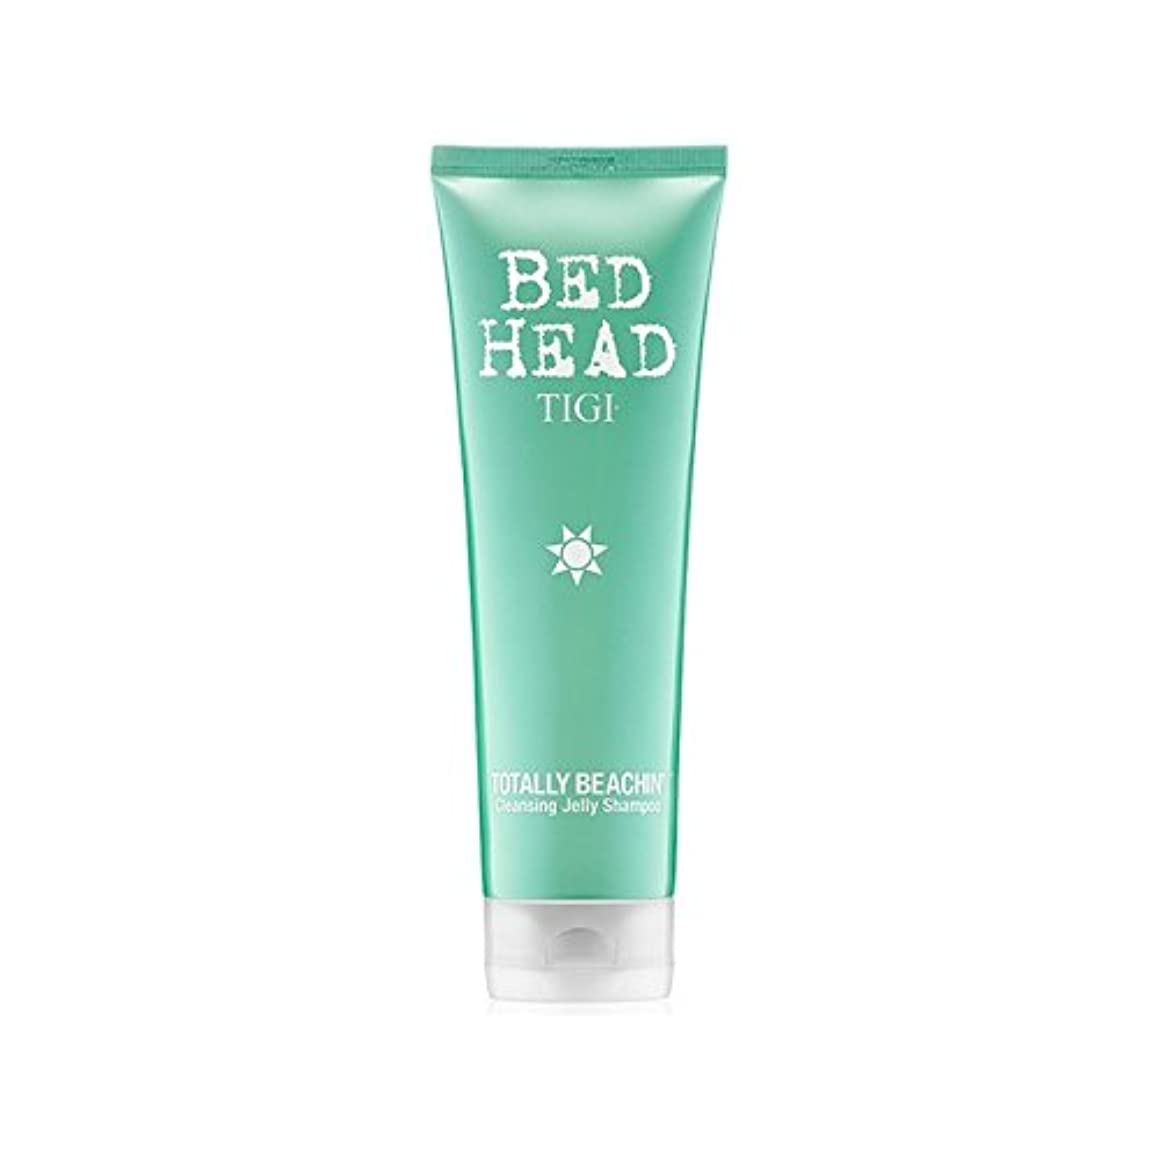 ベーシック市町村リマTigi Bed Head Totally Beachin Cleansing Jelly Shampoo (250ml) - 完全にクレンジングゼリーシャンプー(250ミリリットル)ティジーベッドヘッド [並行輸入品]